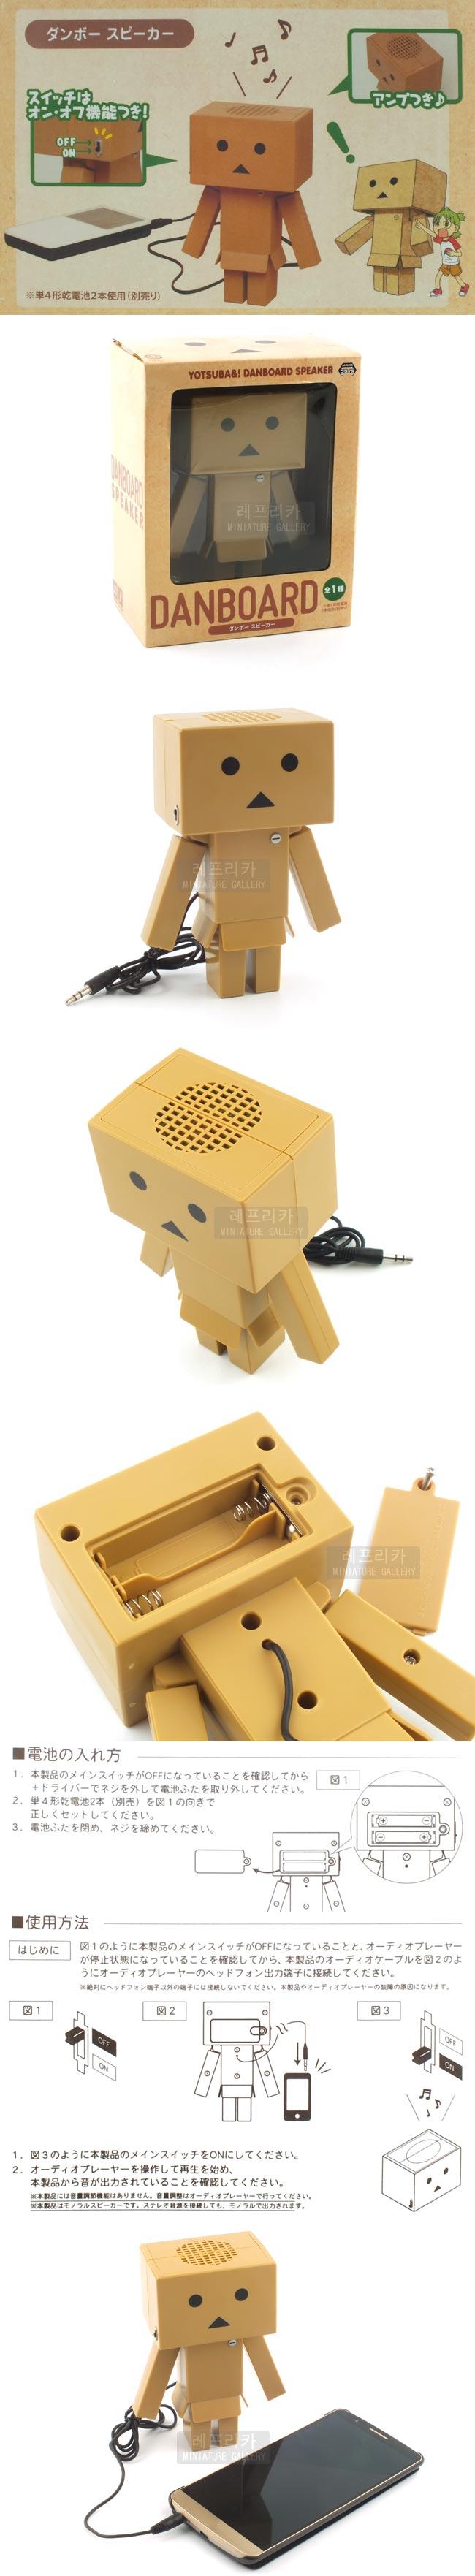 Danboard Speaker (TAI555007FG) 단보 스피커 피규어50,000원-레프리카디지털, 음향기기/포터블기기, 스피커, 일반스피커바보사랑Danboard Speaker (TAI555007FG) 단보 스피커 피규어50,000원-레프리카디지털, 음향기기/포터블기기, 스피커, 일반스피커바보사랑